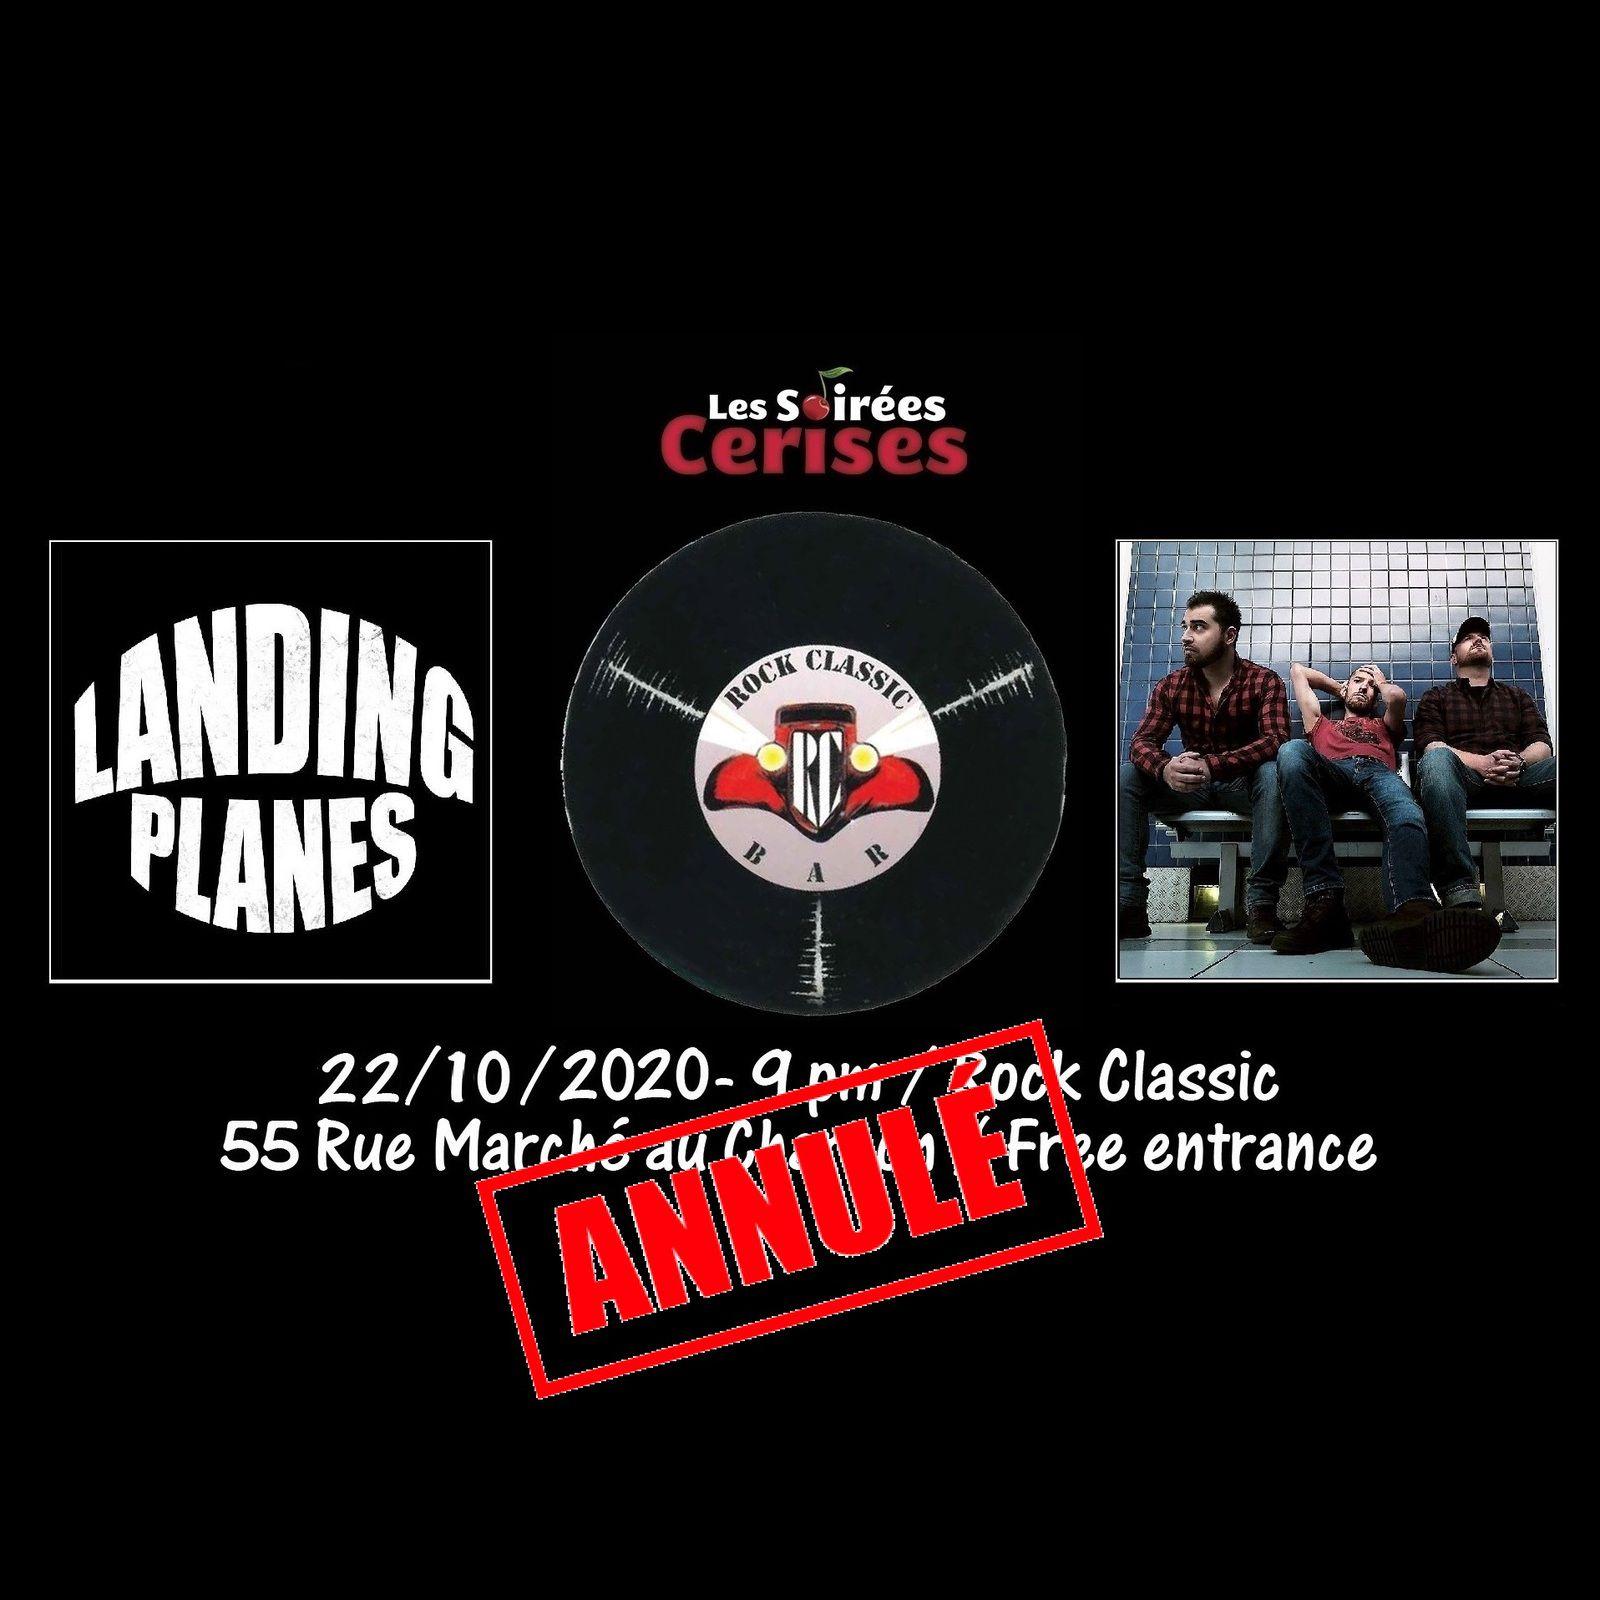 🎵 Landing Planes @ Rock Classic - 22/10/2020 - annulé